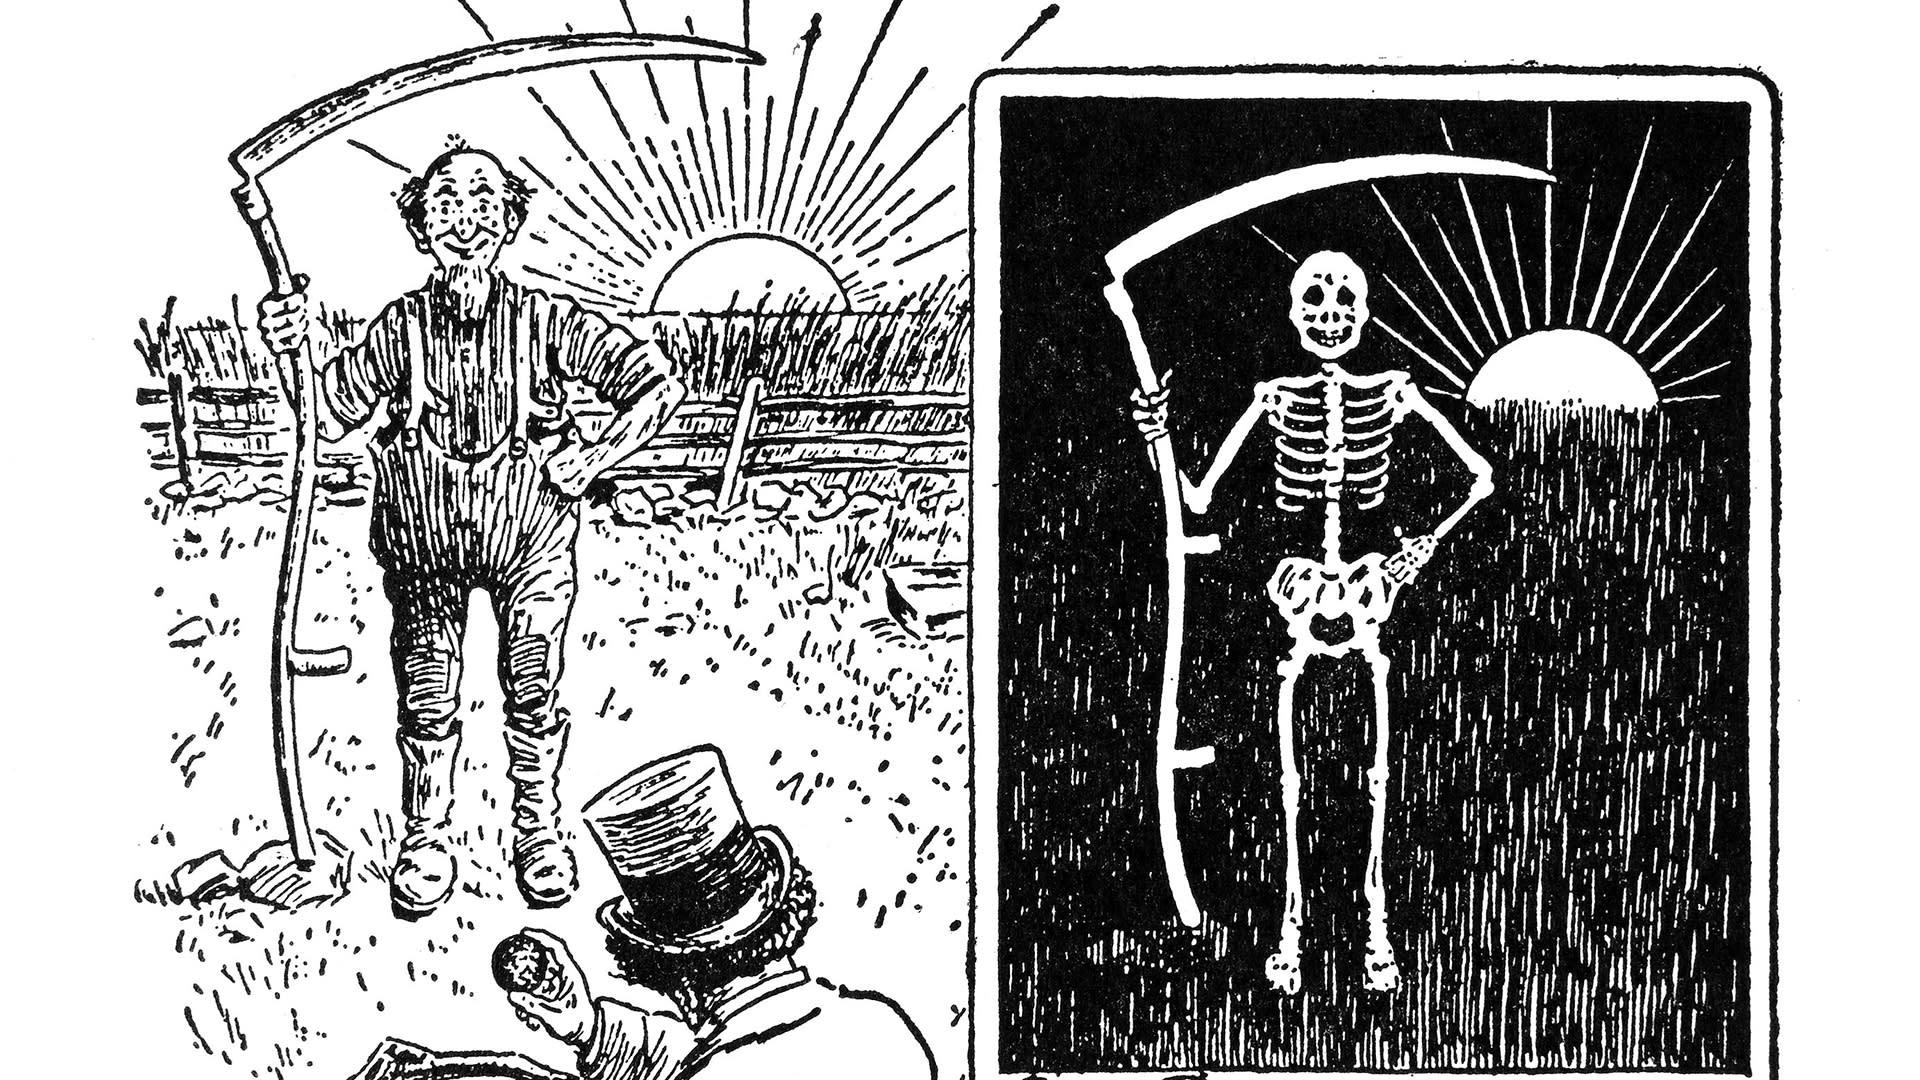 Maanviljelijää viikatteen kanssakuvataan röntgenillä ja lopputulos on luurankoviikatemies.